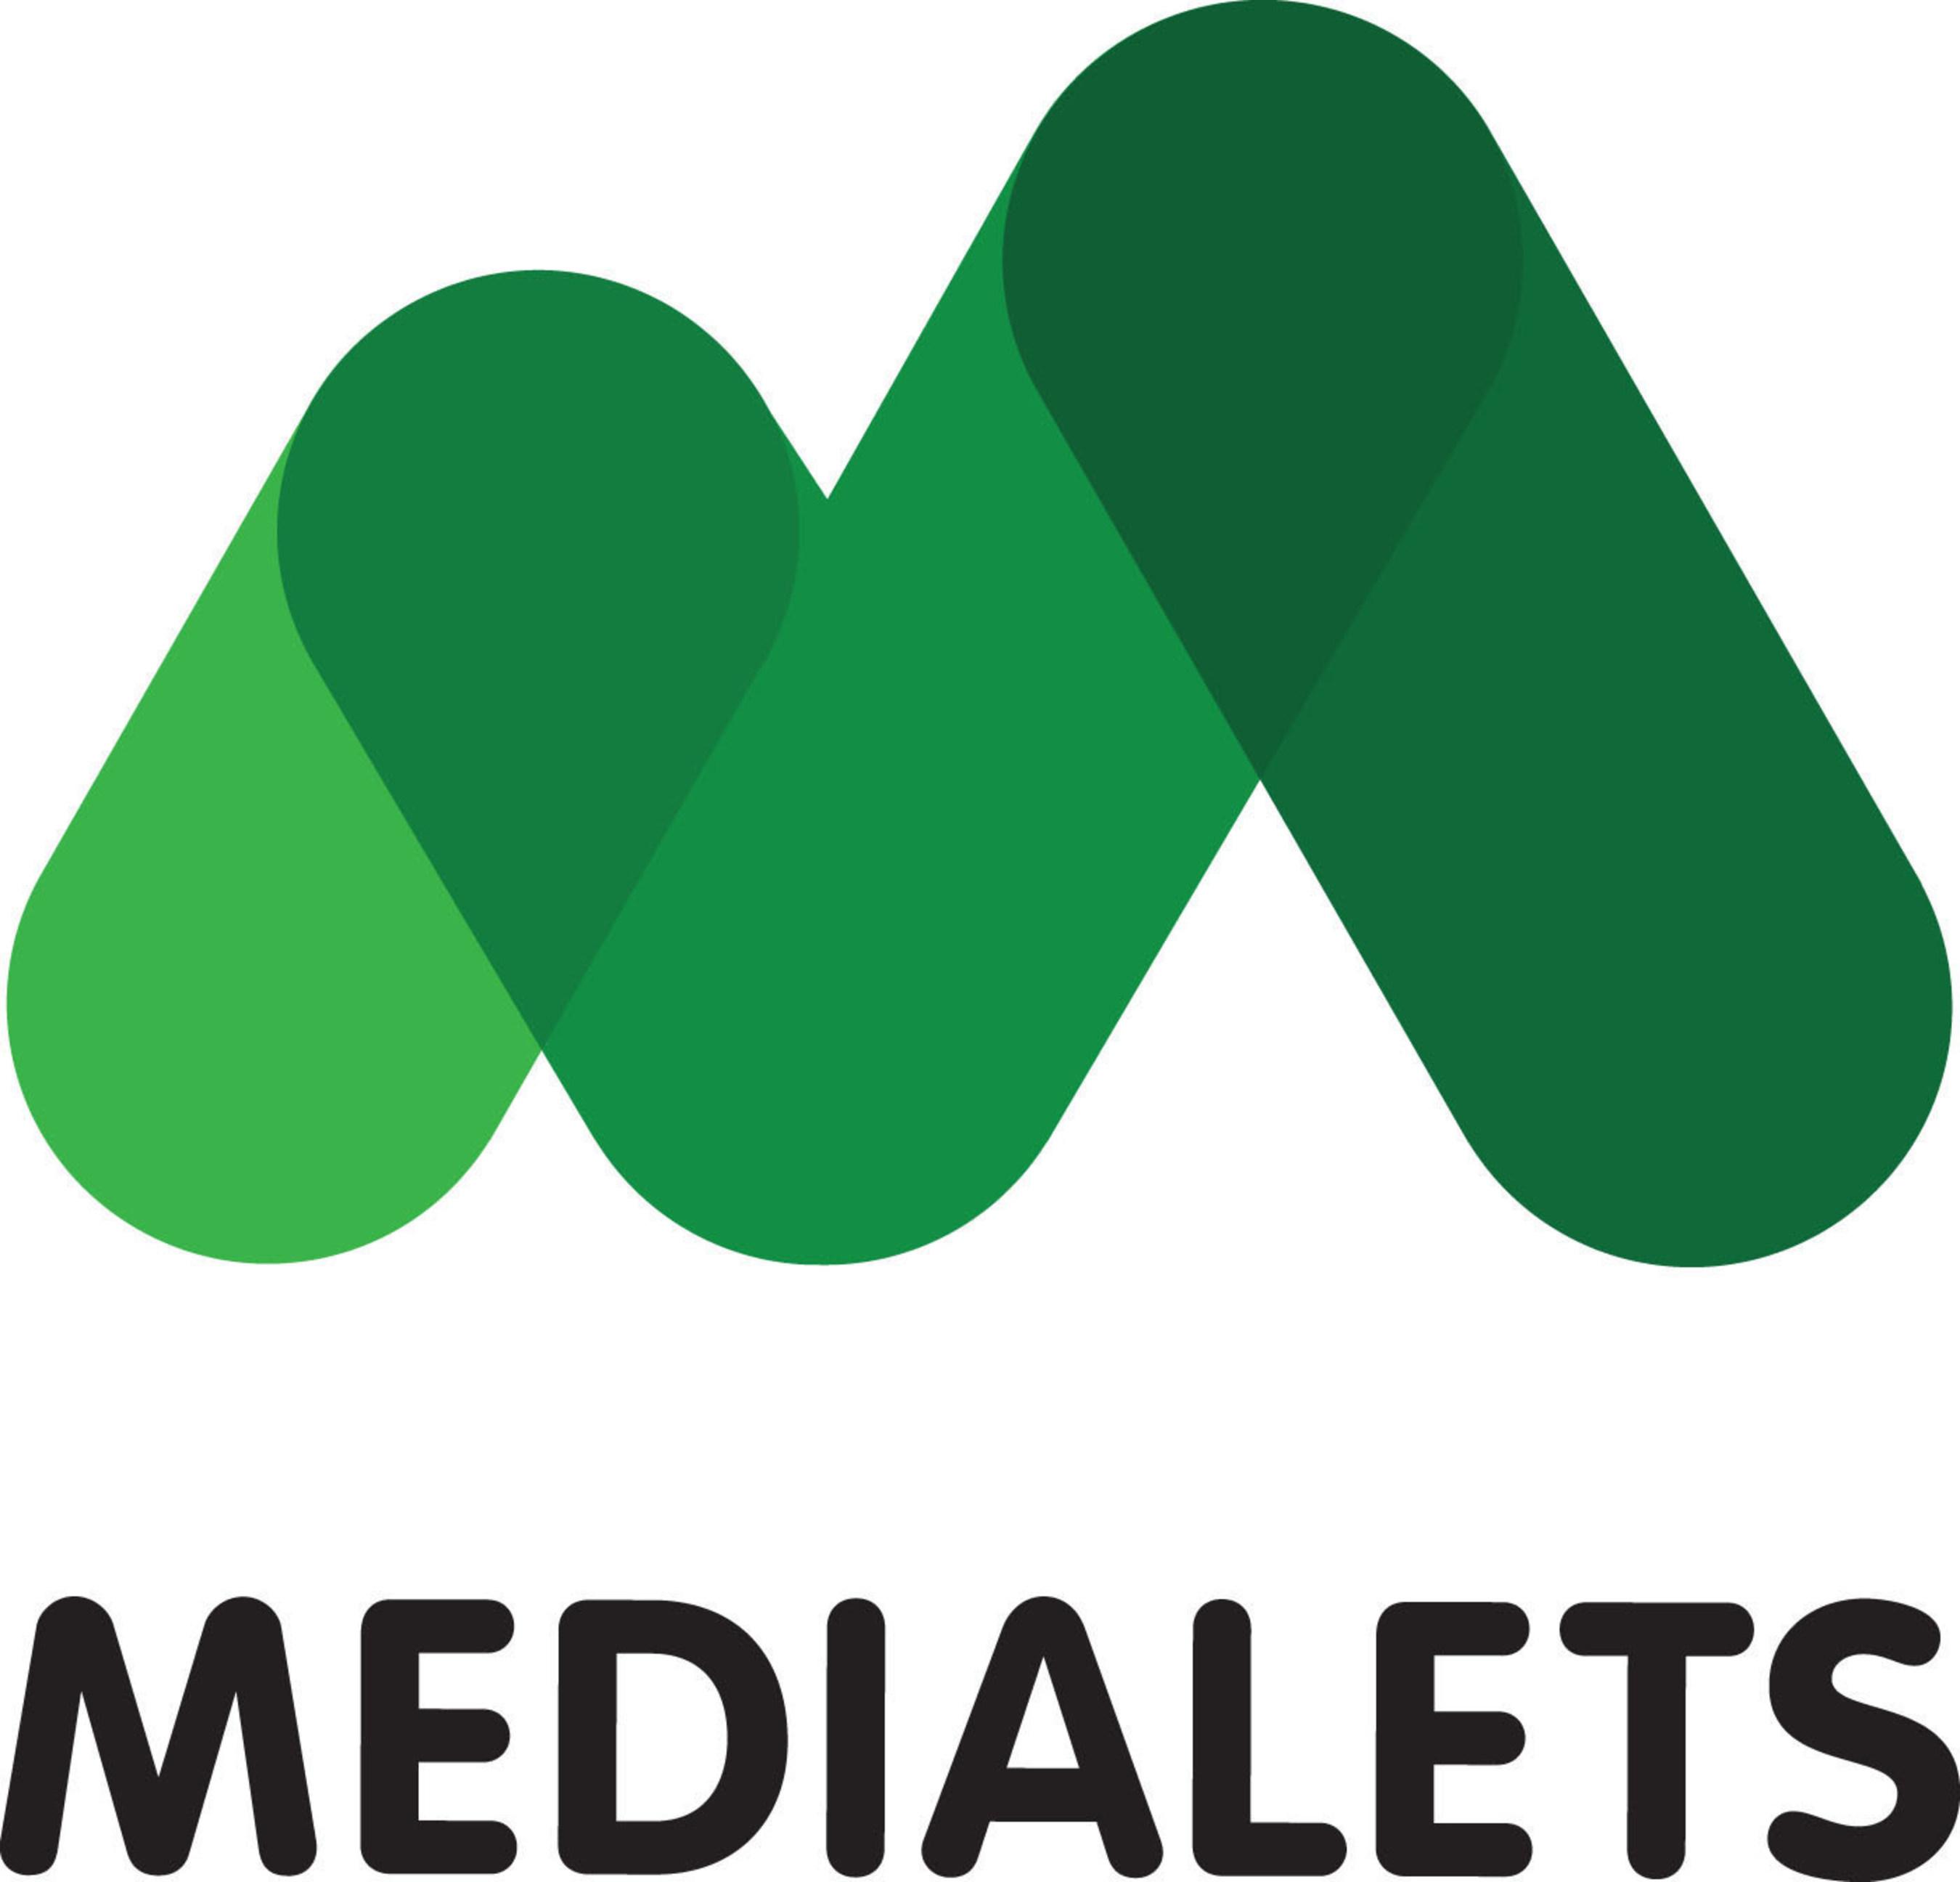 Medialets logo